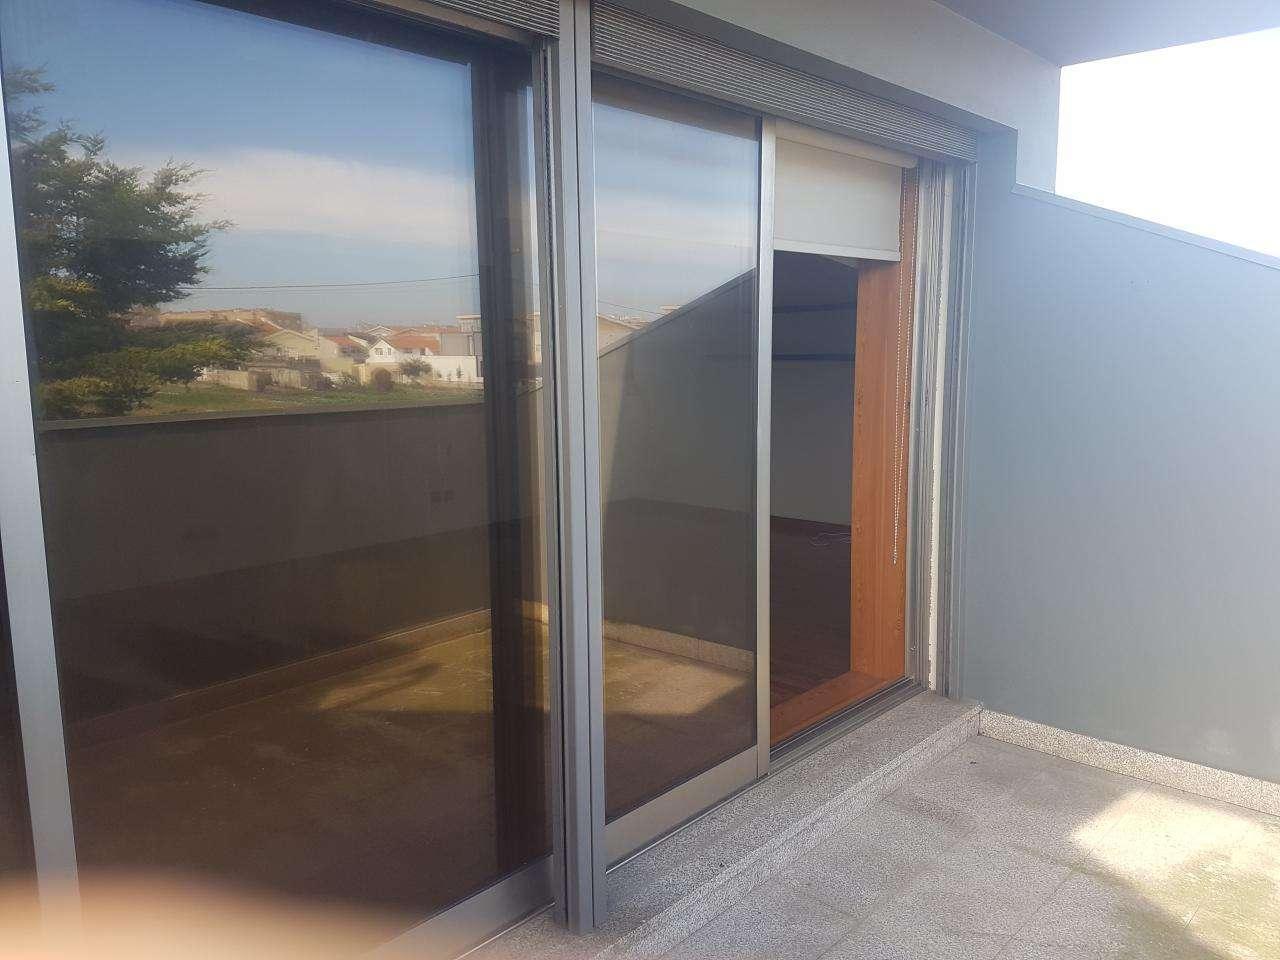 Moradia para arrendar, Aver-O-Mar, Amorim e Terroso, Porto - Foto 4